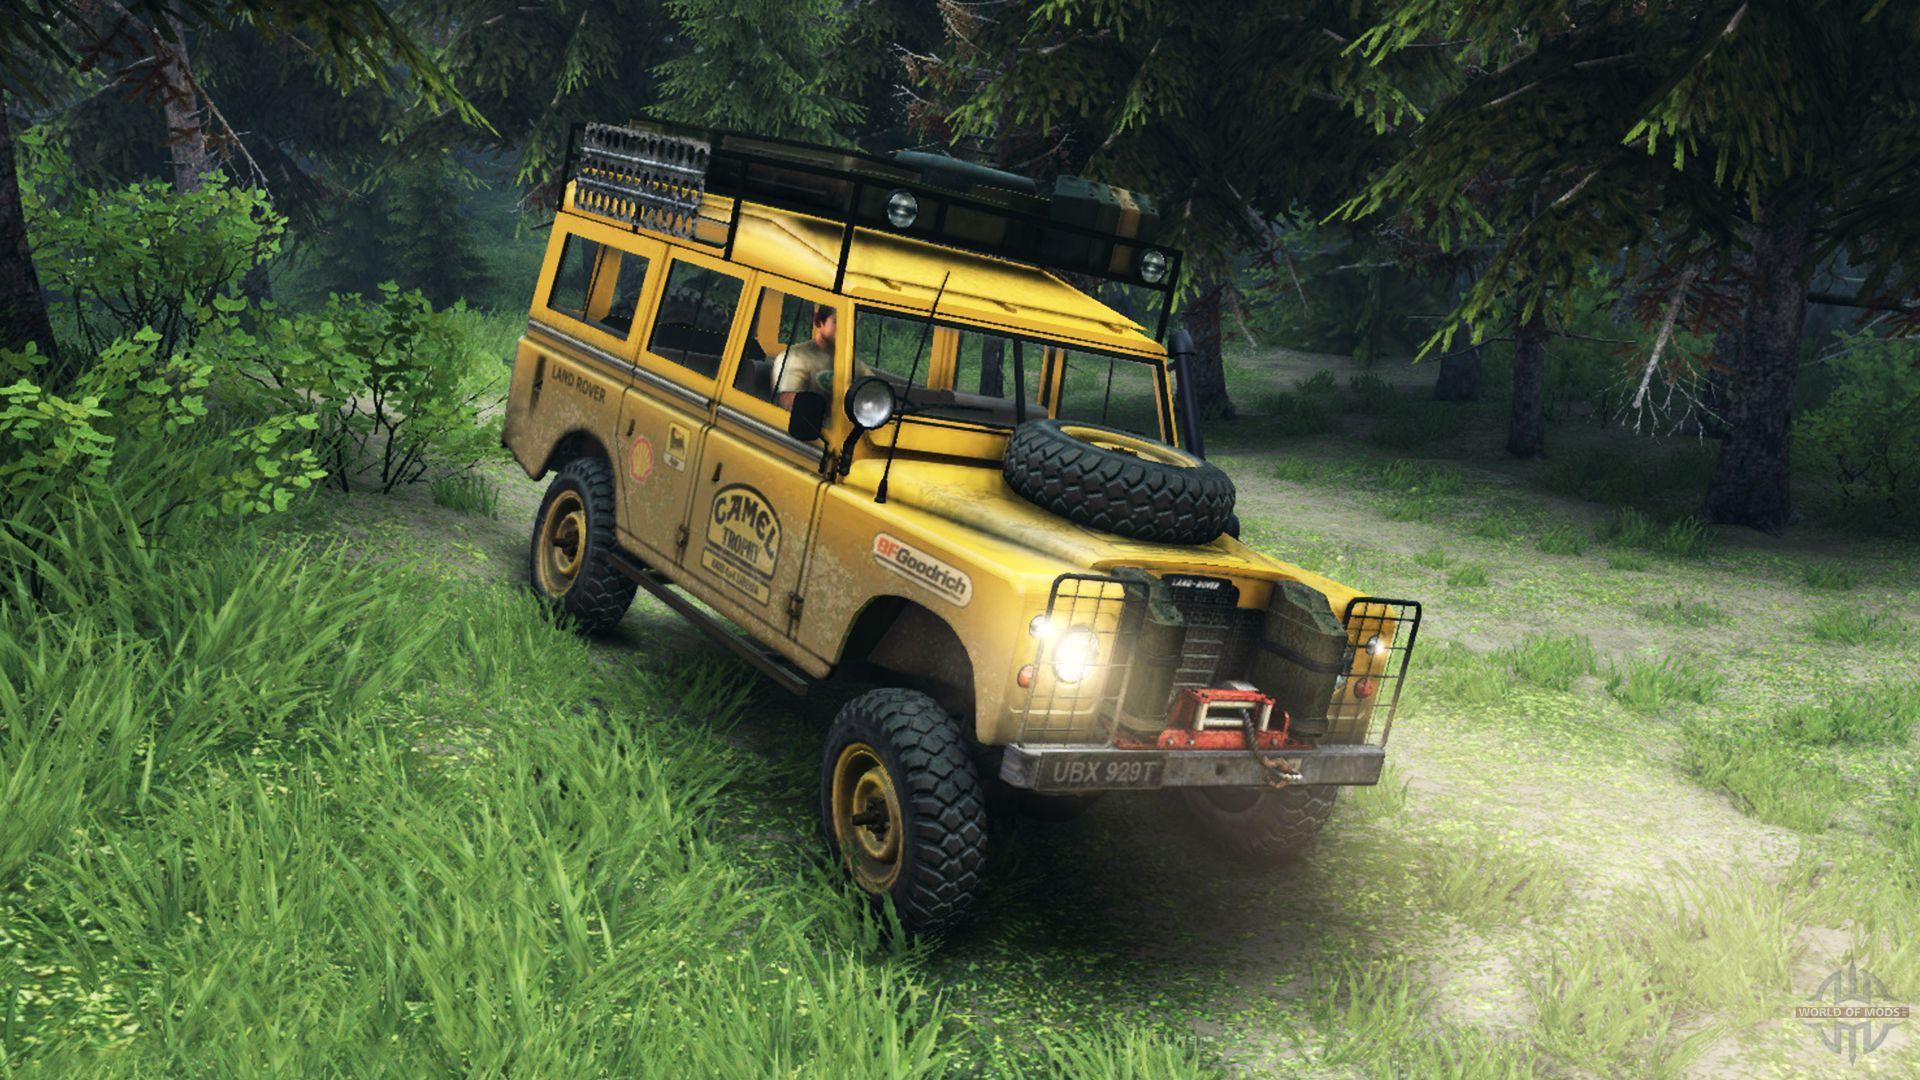 Land Rover Defender v2 2 Camel Trophy Siberia para el videojuego